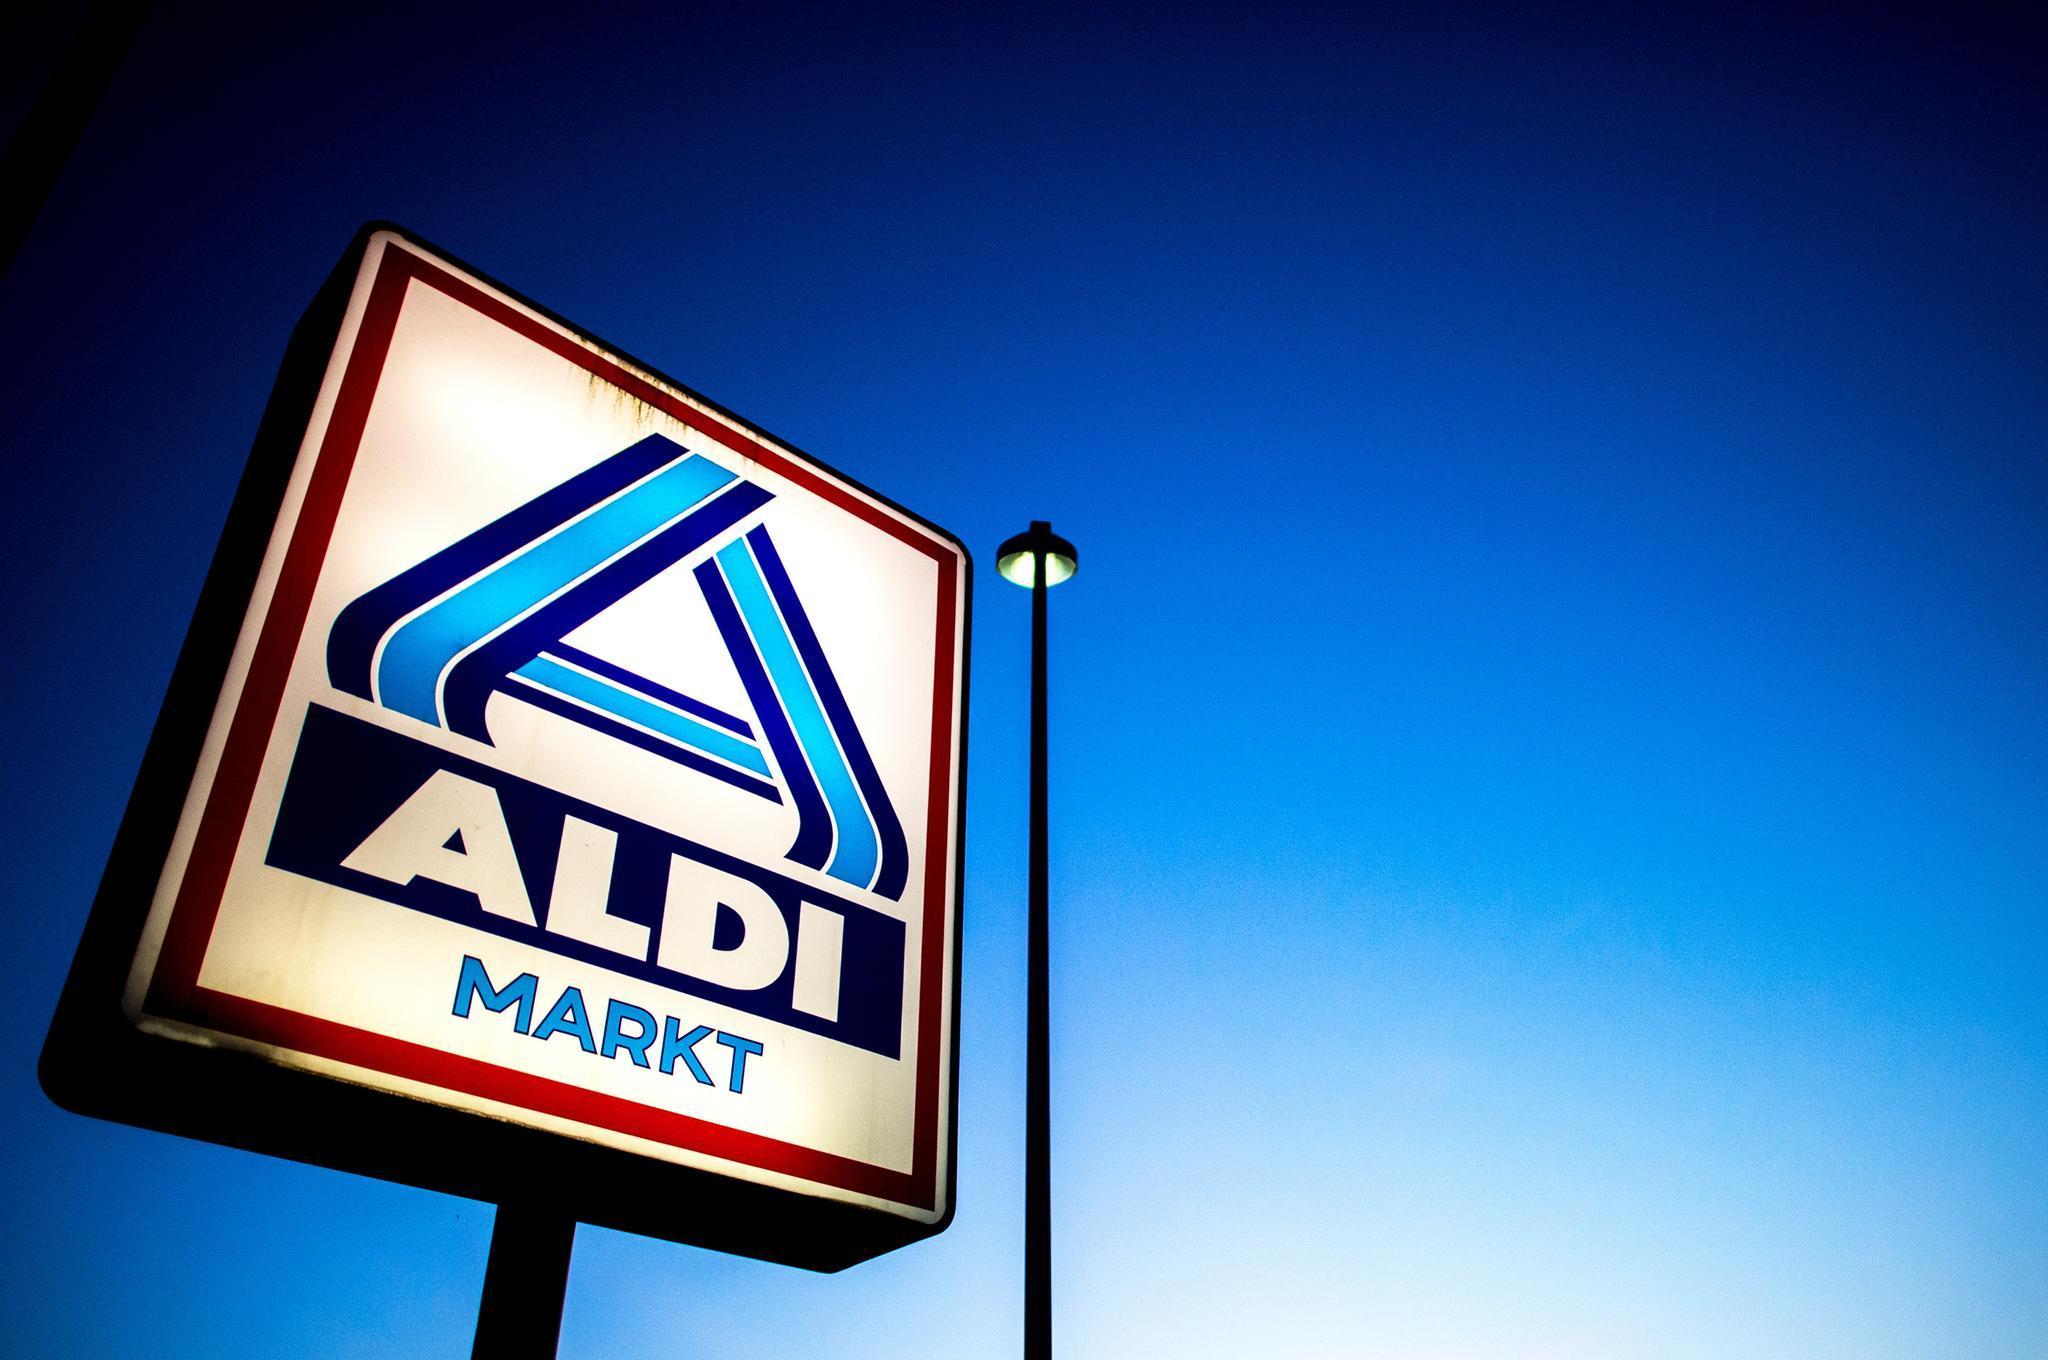 aldi, lidl und co.: die neue macht der discounter | stern.de